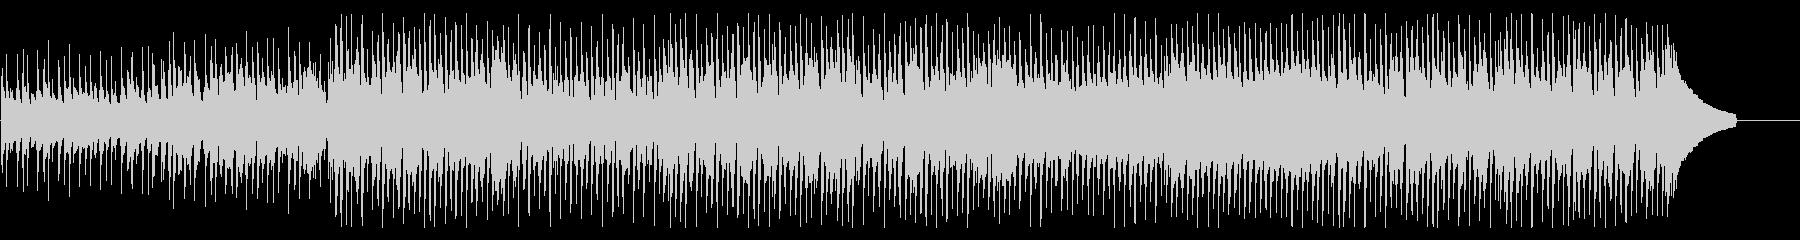 アップテンポで楽しいコーポレートBGMの未再生の波形